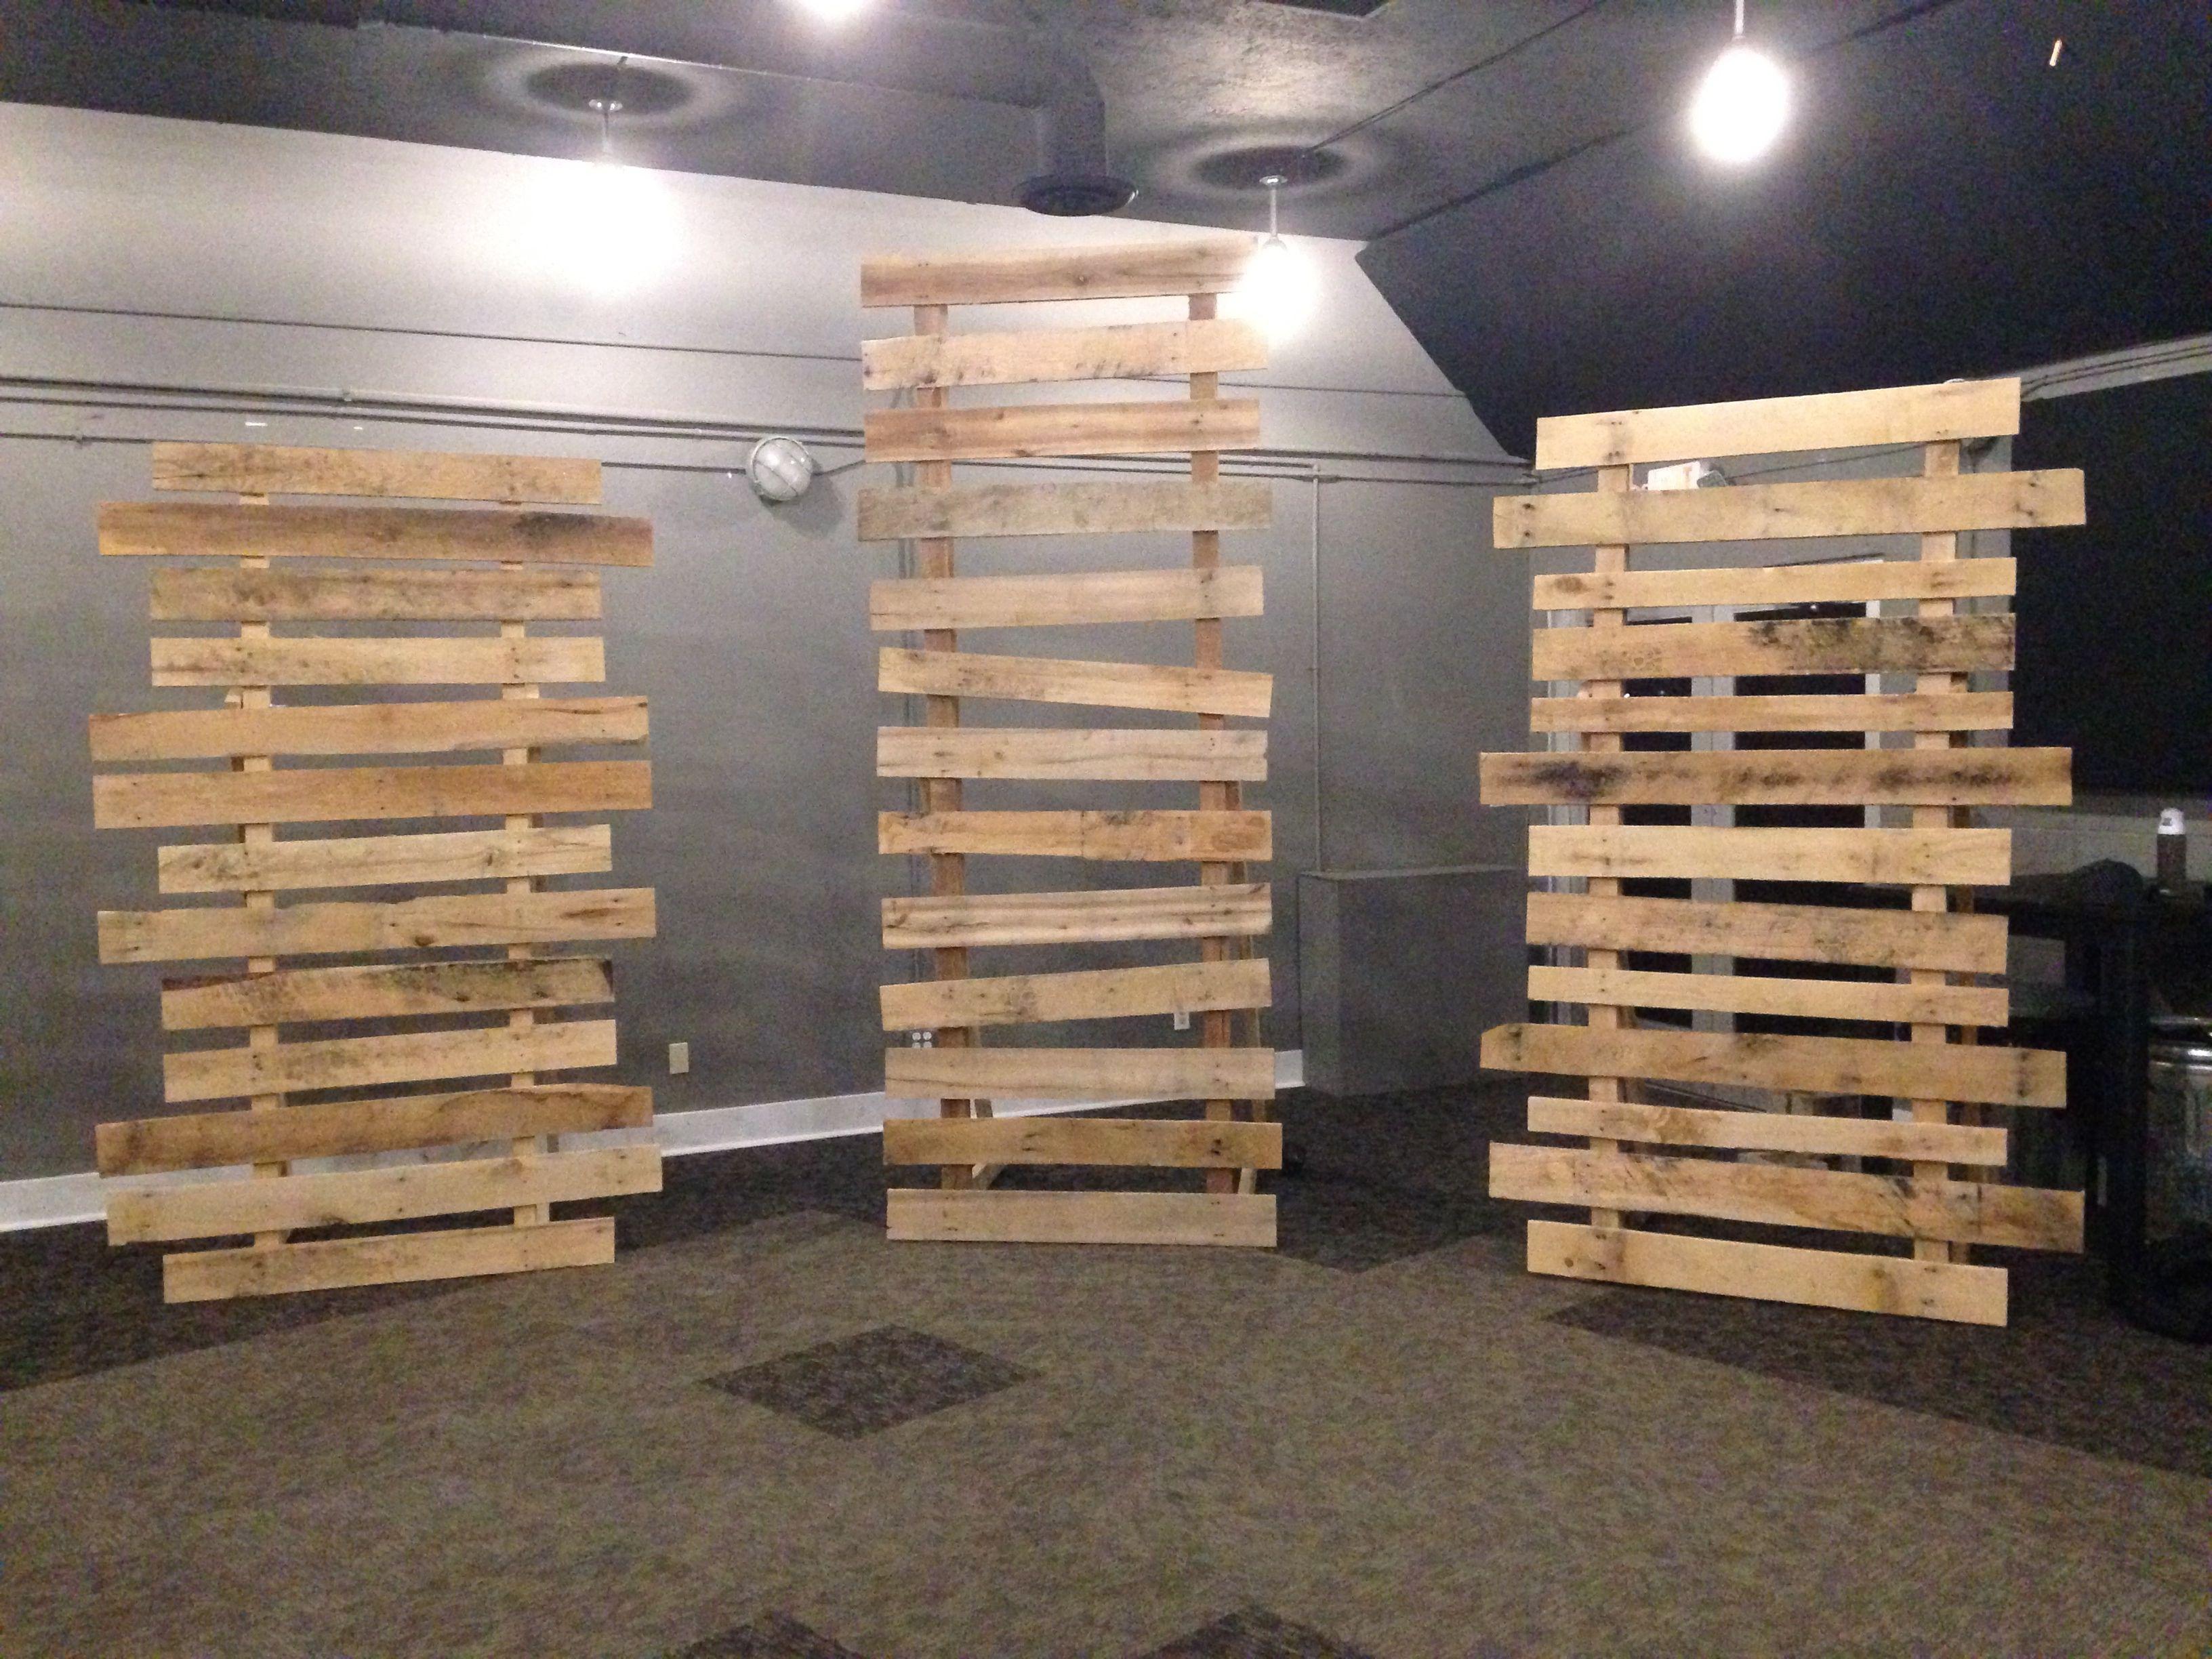 rs pallets set design pallet walls church stage wood pallets. Black Bedroom Furniture Sets. Home Design Ideas